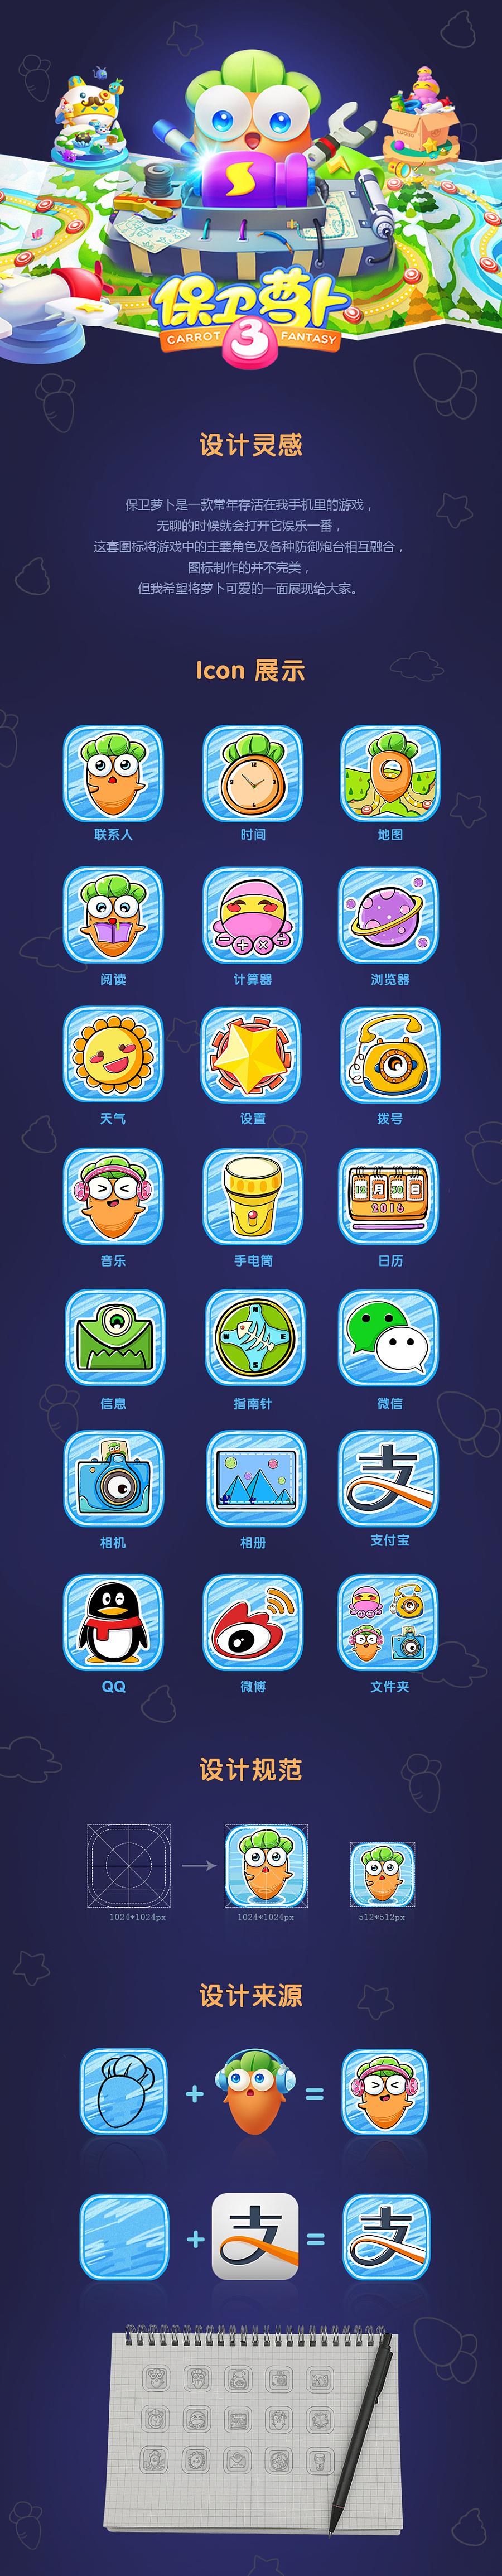 icon保卫萝卜·手绘